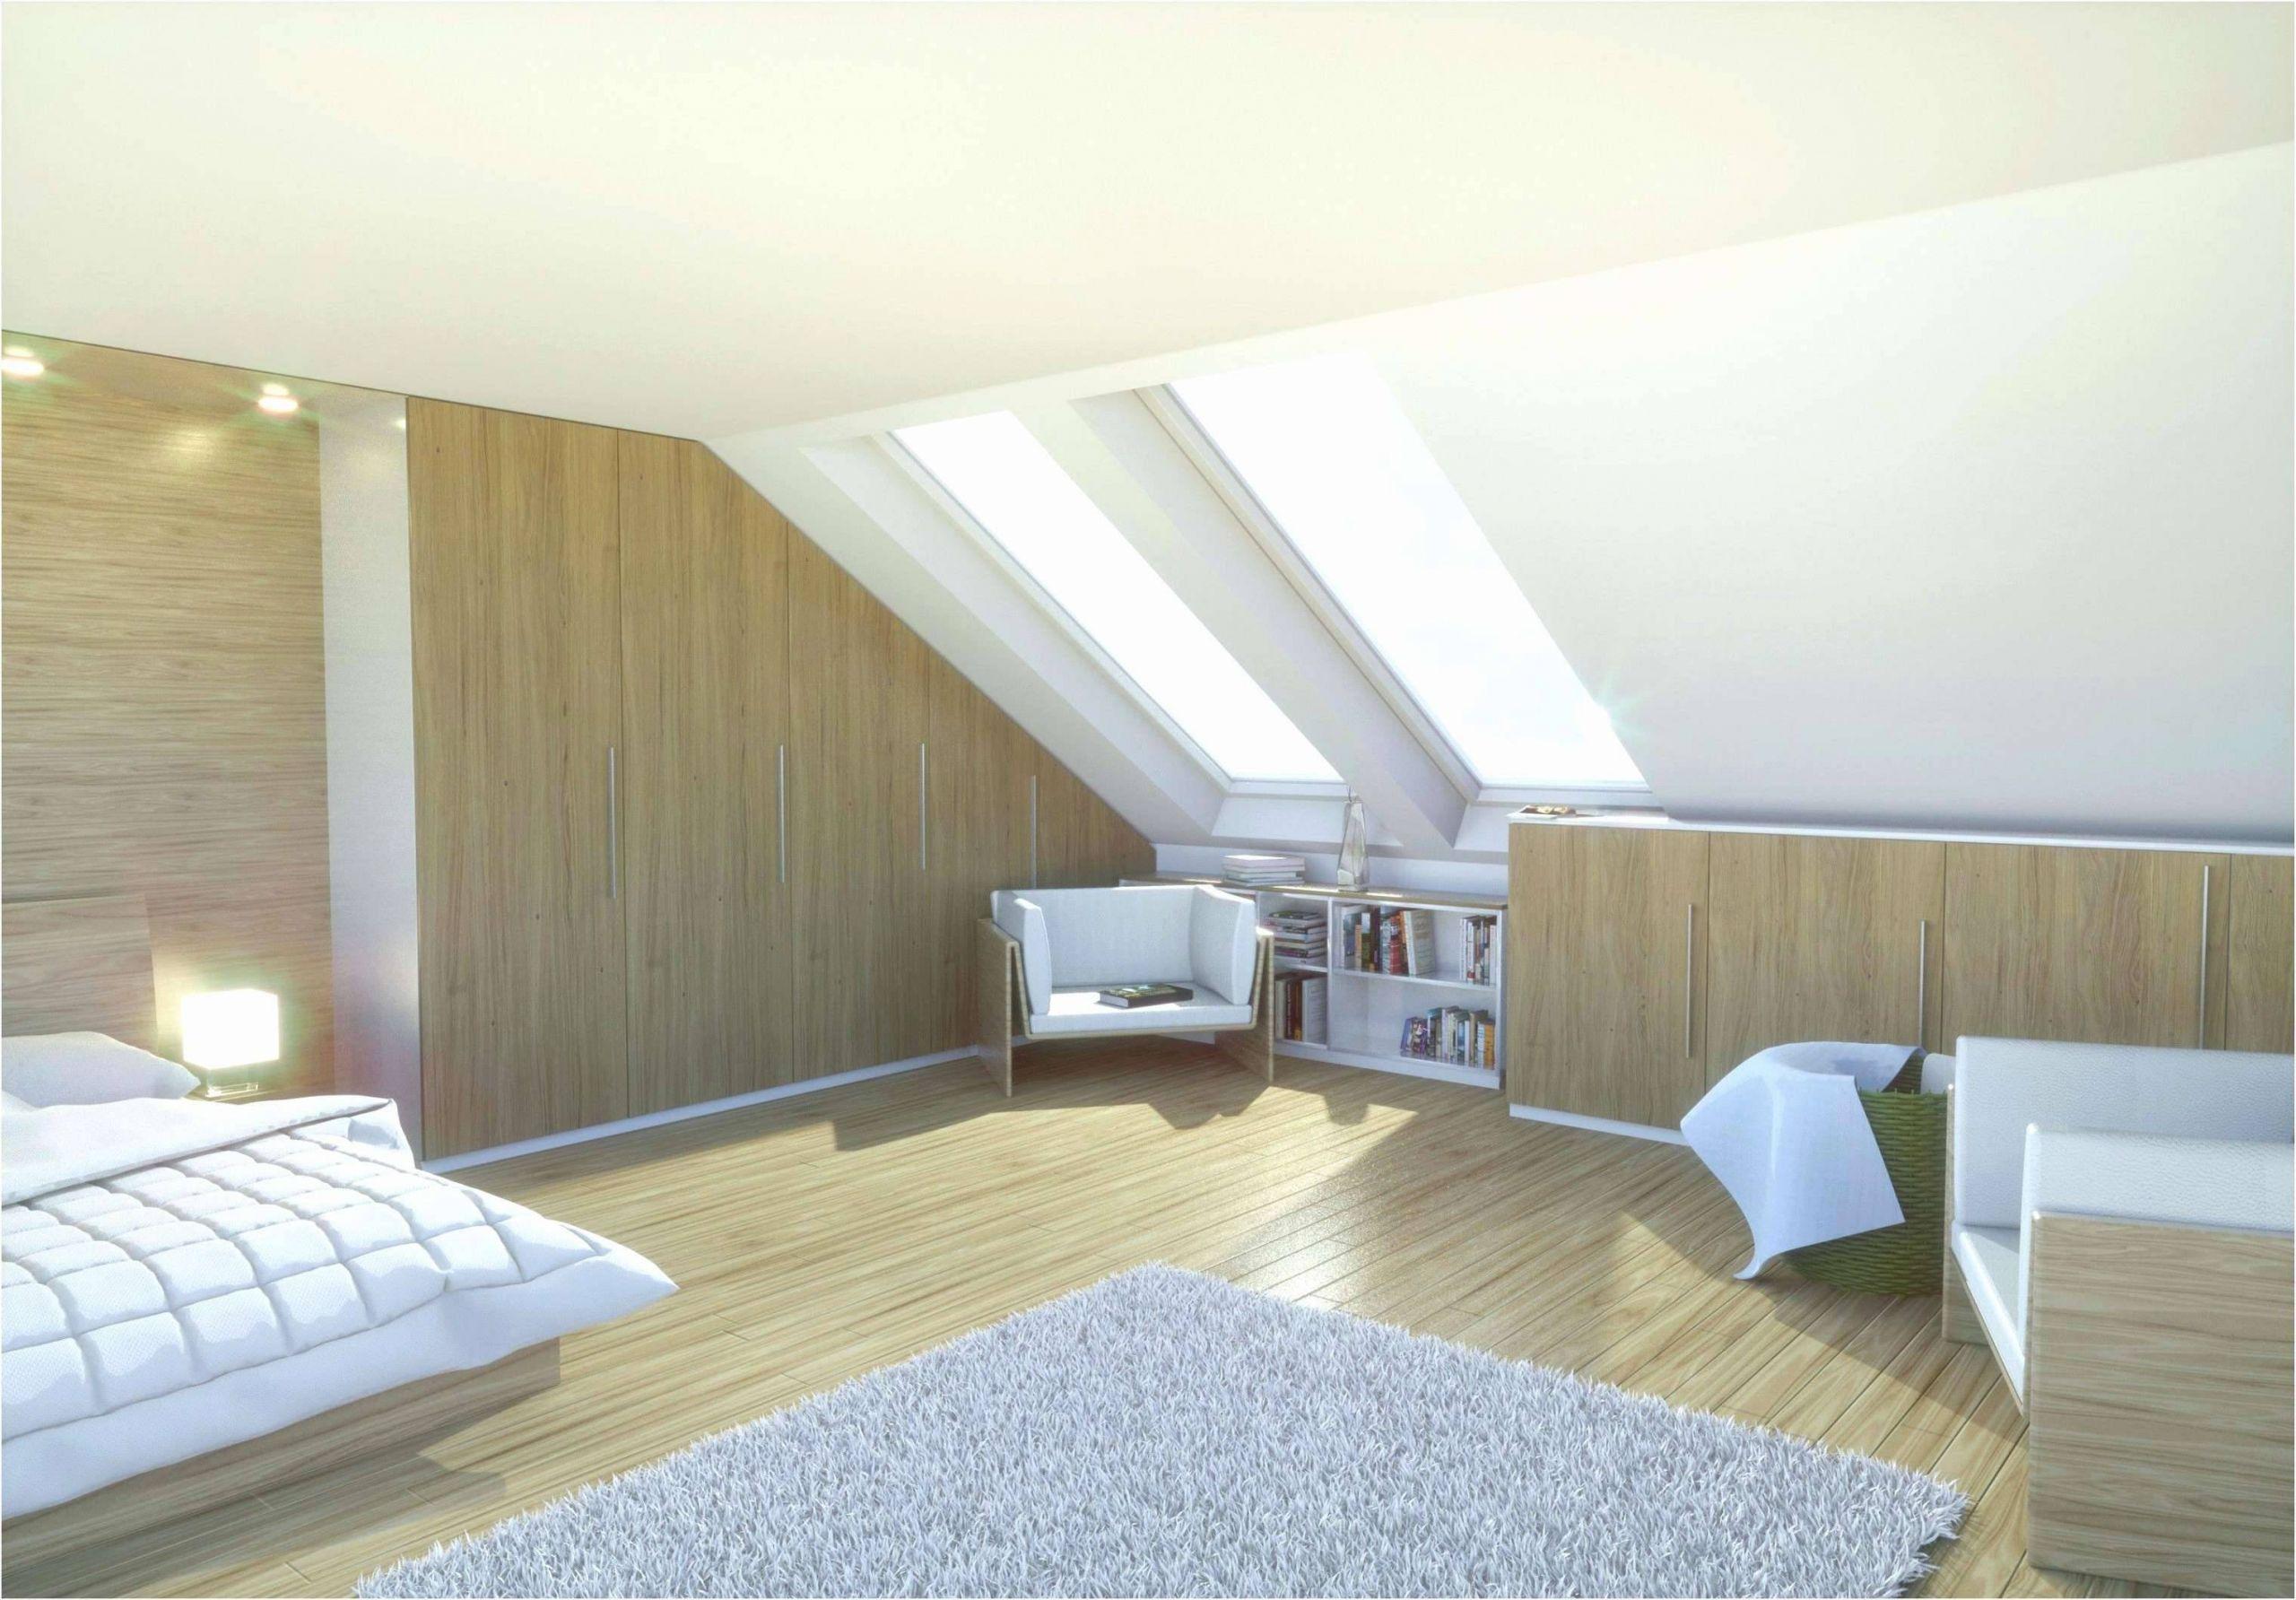 Deko Ideen Für Den Garten Elegant Inspirierend Deko Ideen Für Kleines Wohnzimmer Inspirationen